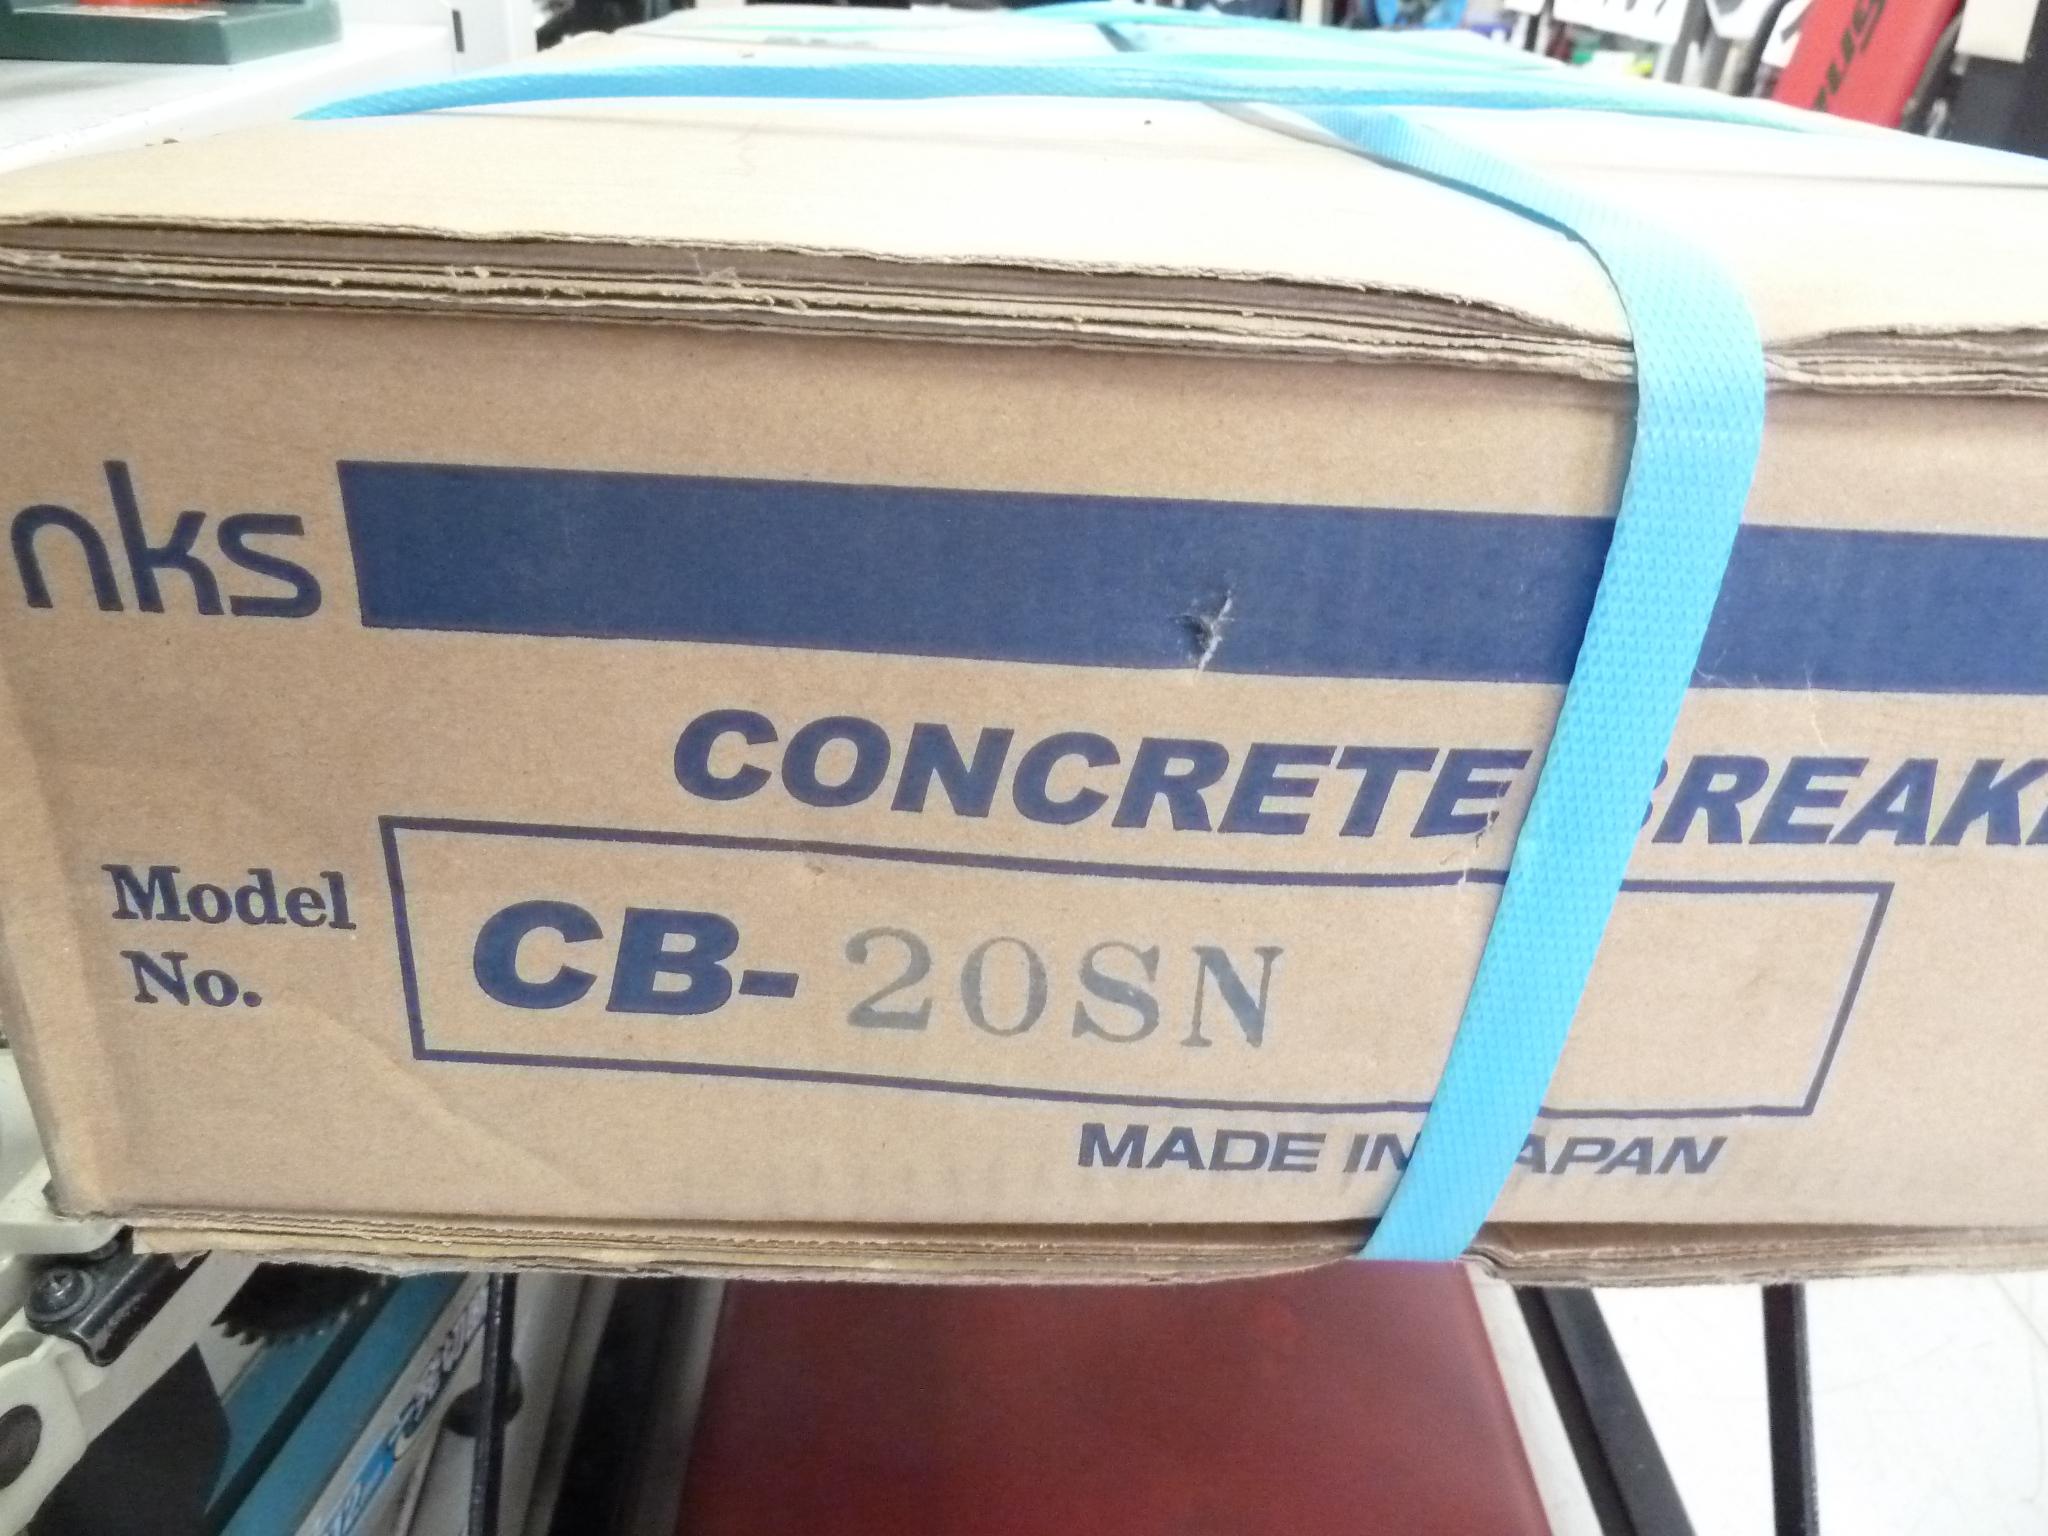 中谷機械 エアー工具 コンクリートブレーカー CB20SN を買い取りしました!岡山店